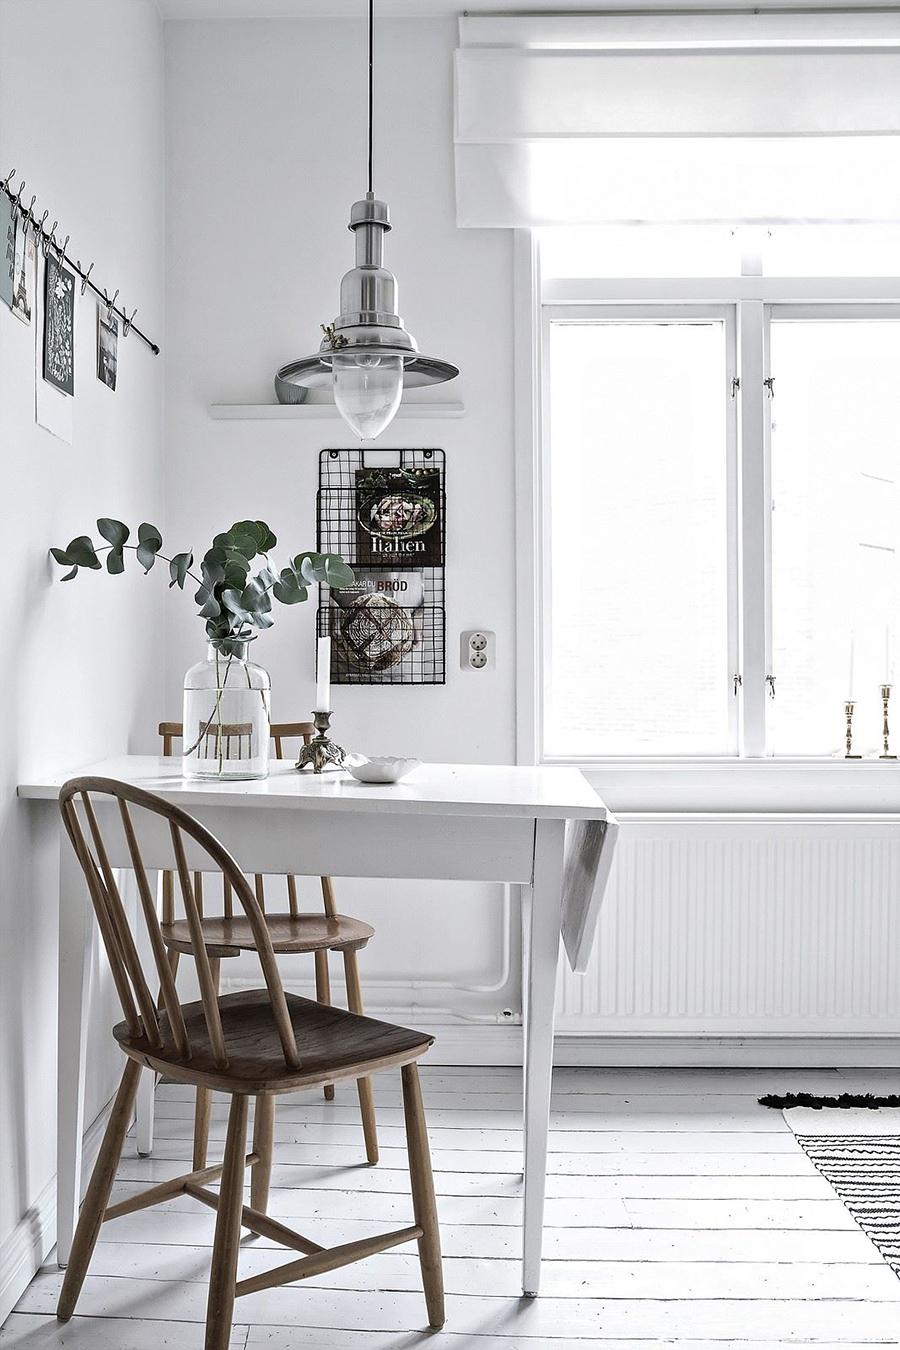 Una lámpara colgante con mucho estilo puede darle un toque especial al comedor de diario.